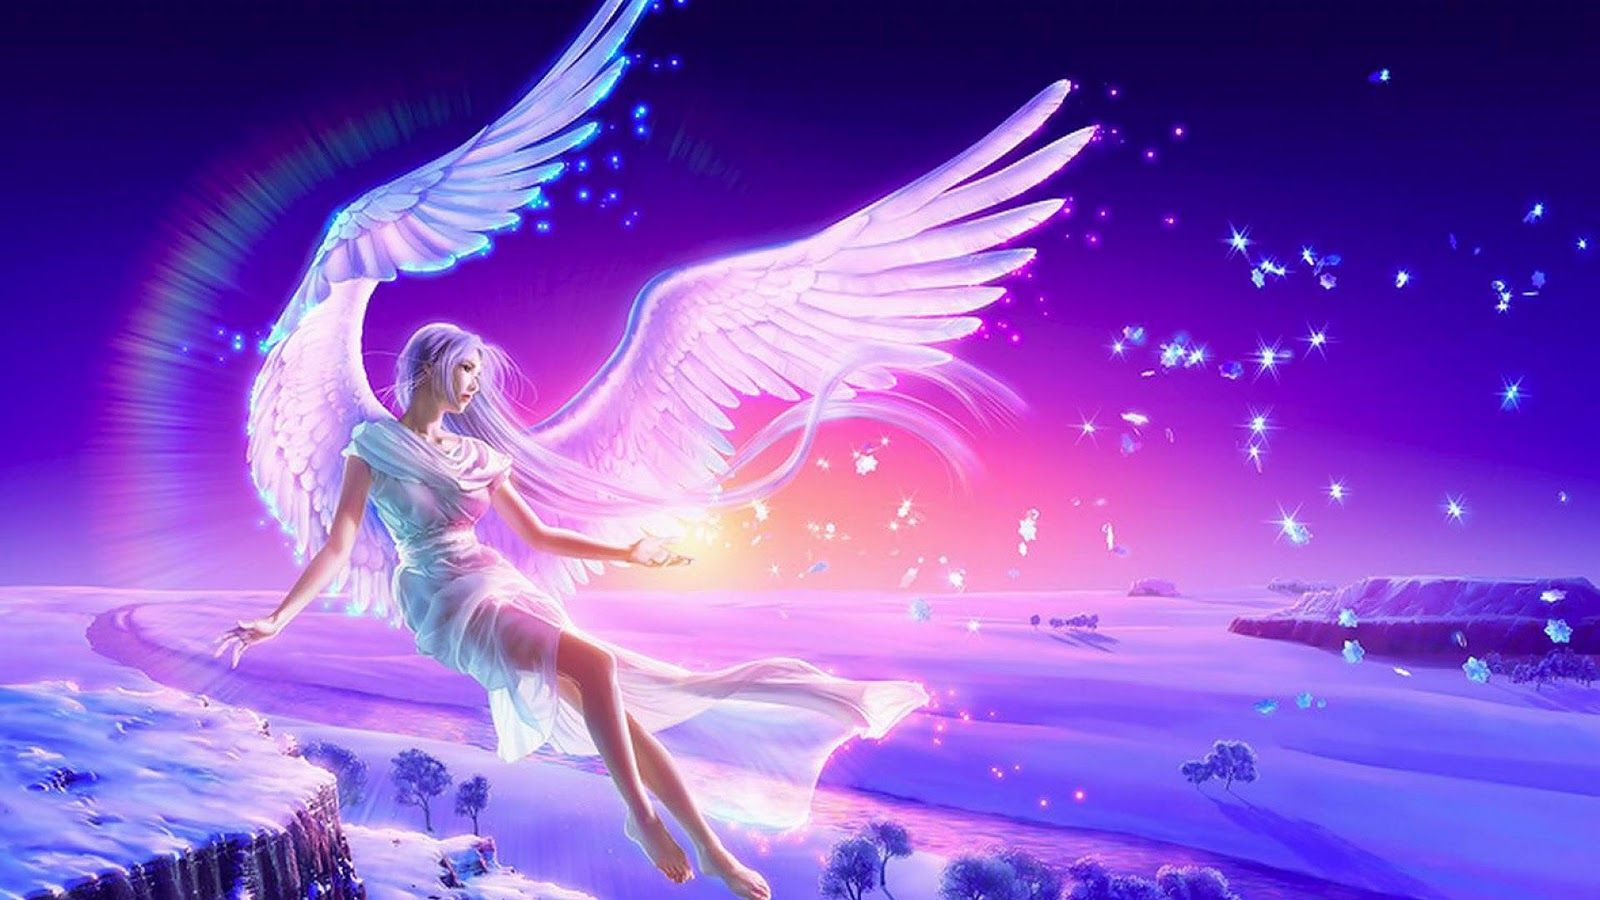 Angels Desktop Wallpapers Angel Pictures Angel Wallpaper Beautiful Angels Pictures Angel hd wallpaper download